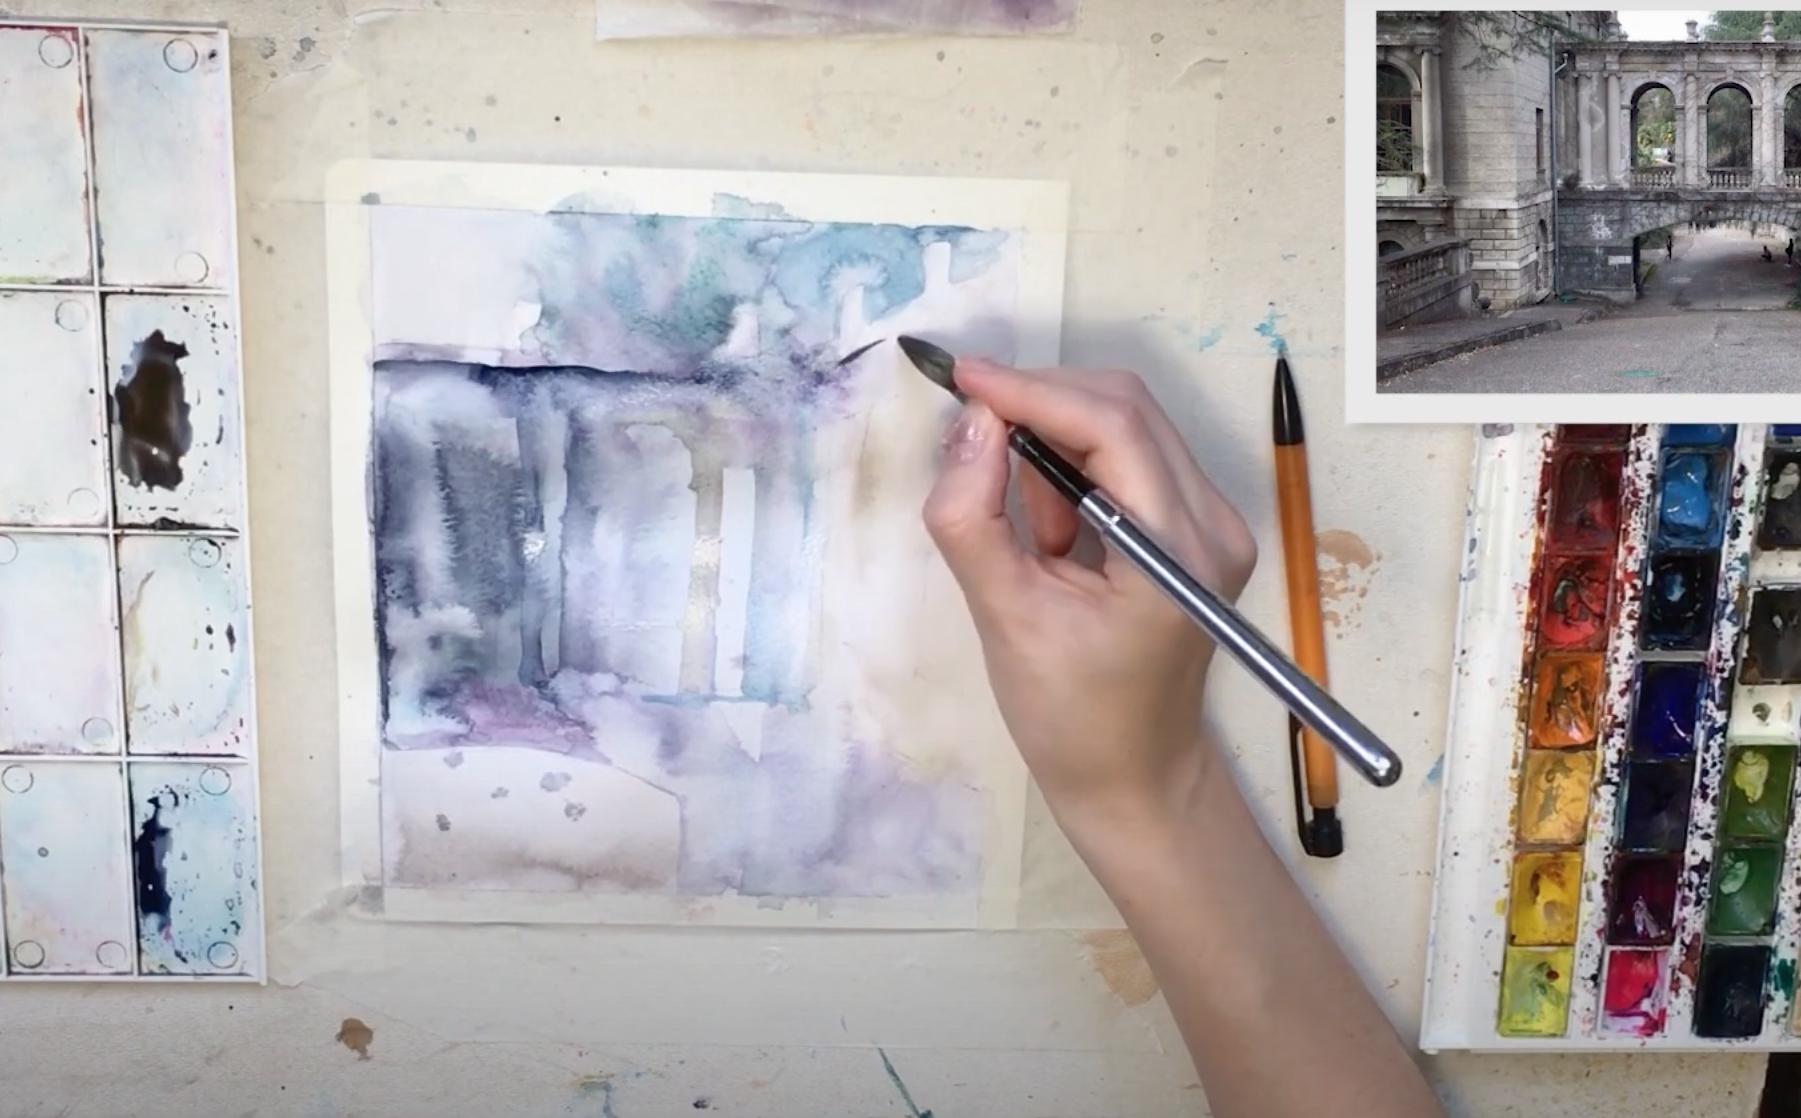 Виртуальный пленэр: серию видеоуроков по живописи запустили в ЗИЛе